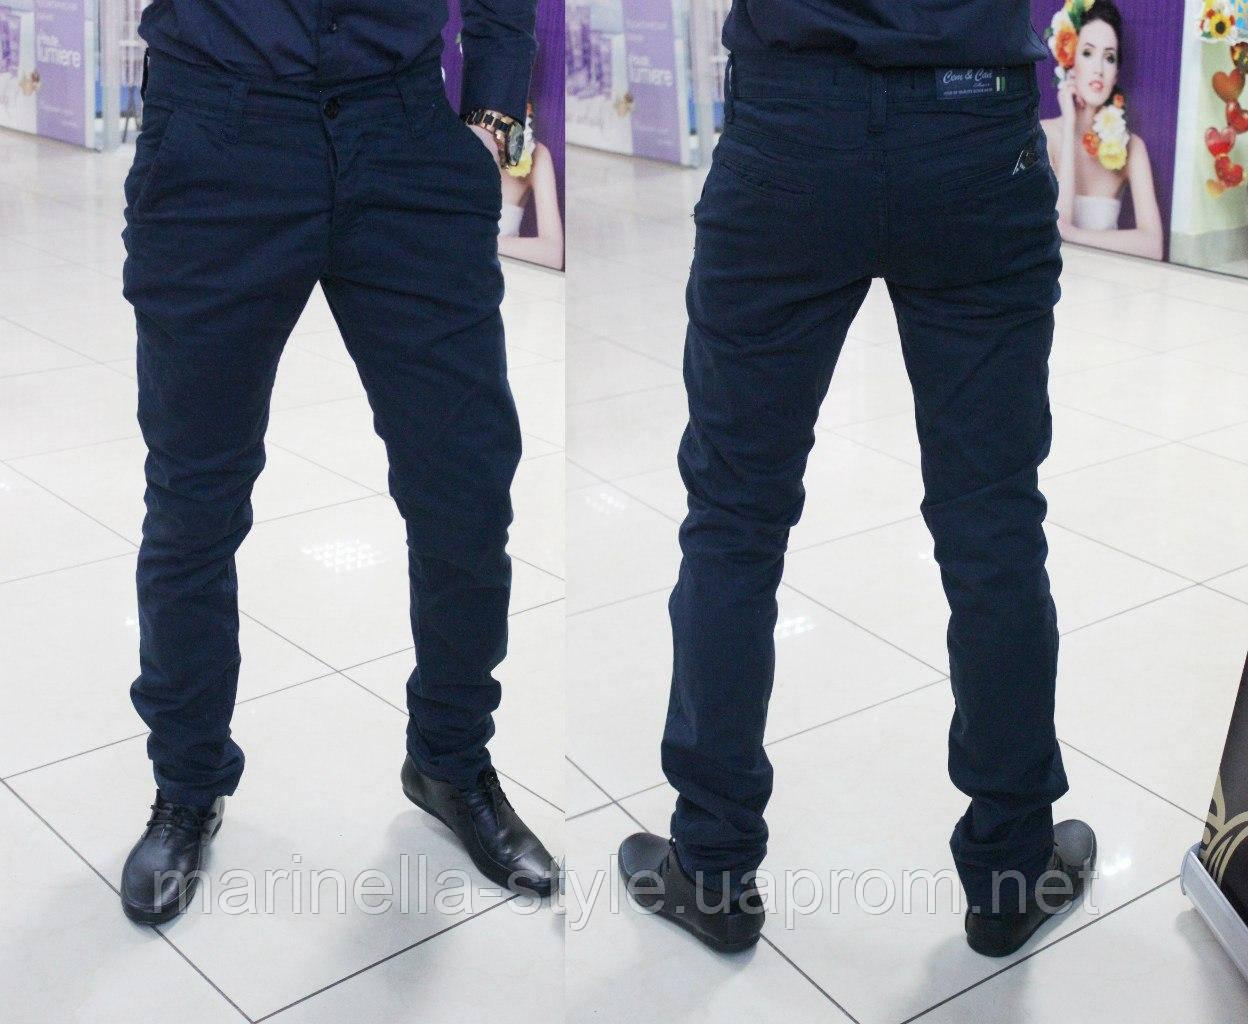 5c47b9f56ba Мужские джинсы-брюки 2 - Marinella в Николаеве